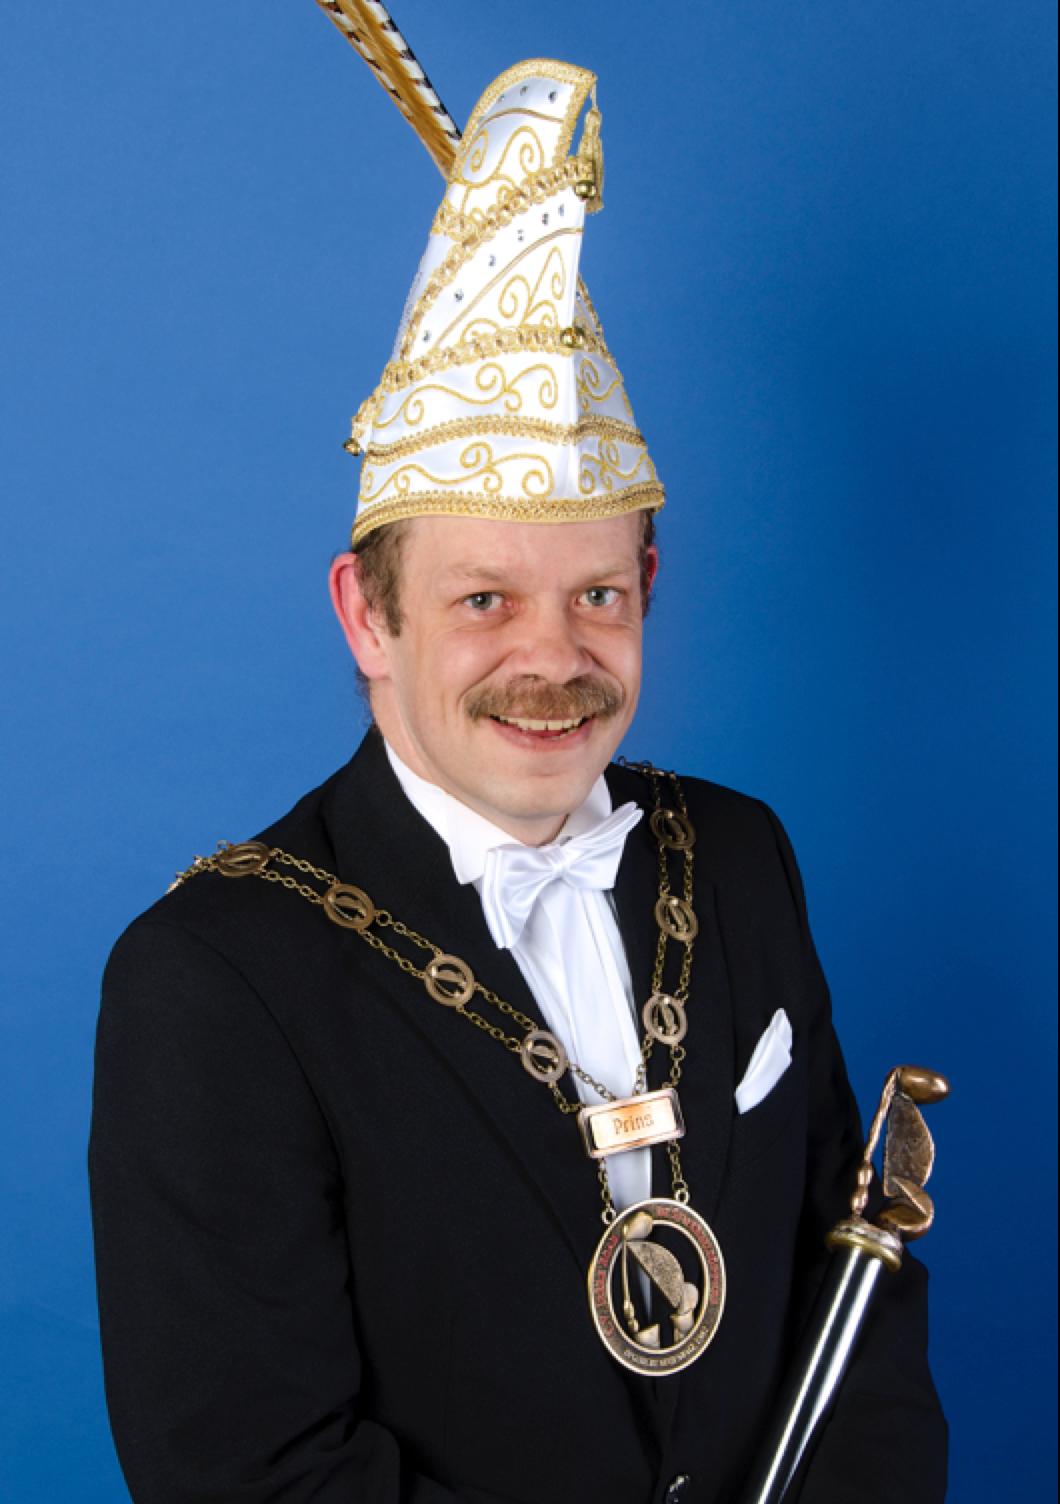 33.Rene I Kessen Seizoen 2015